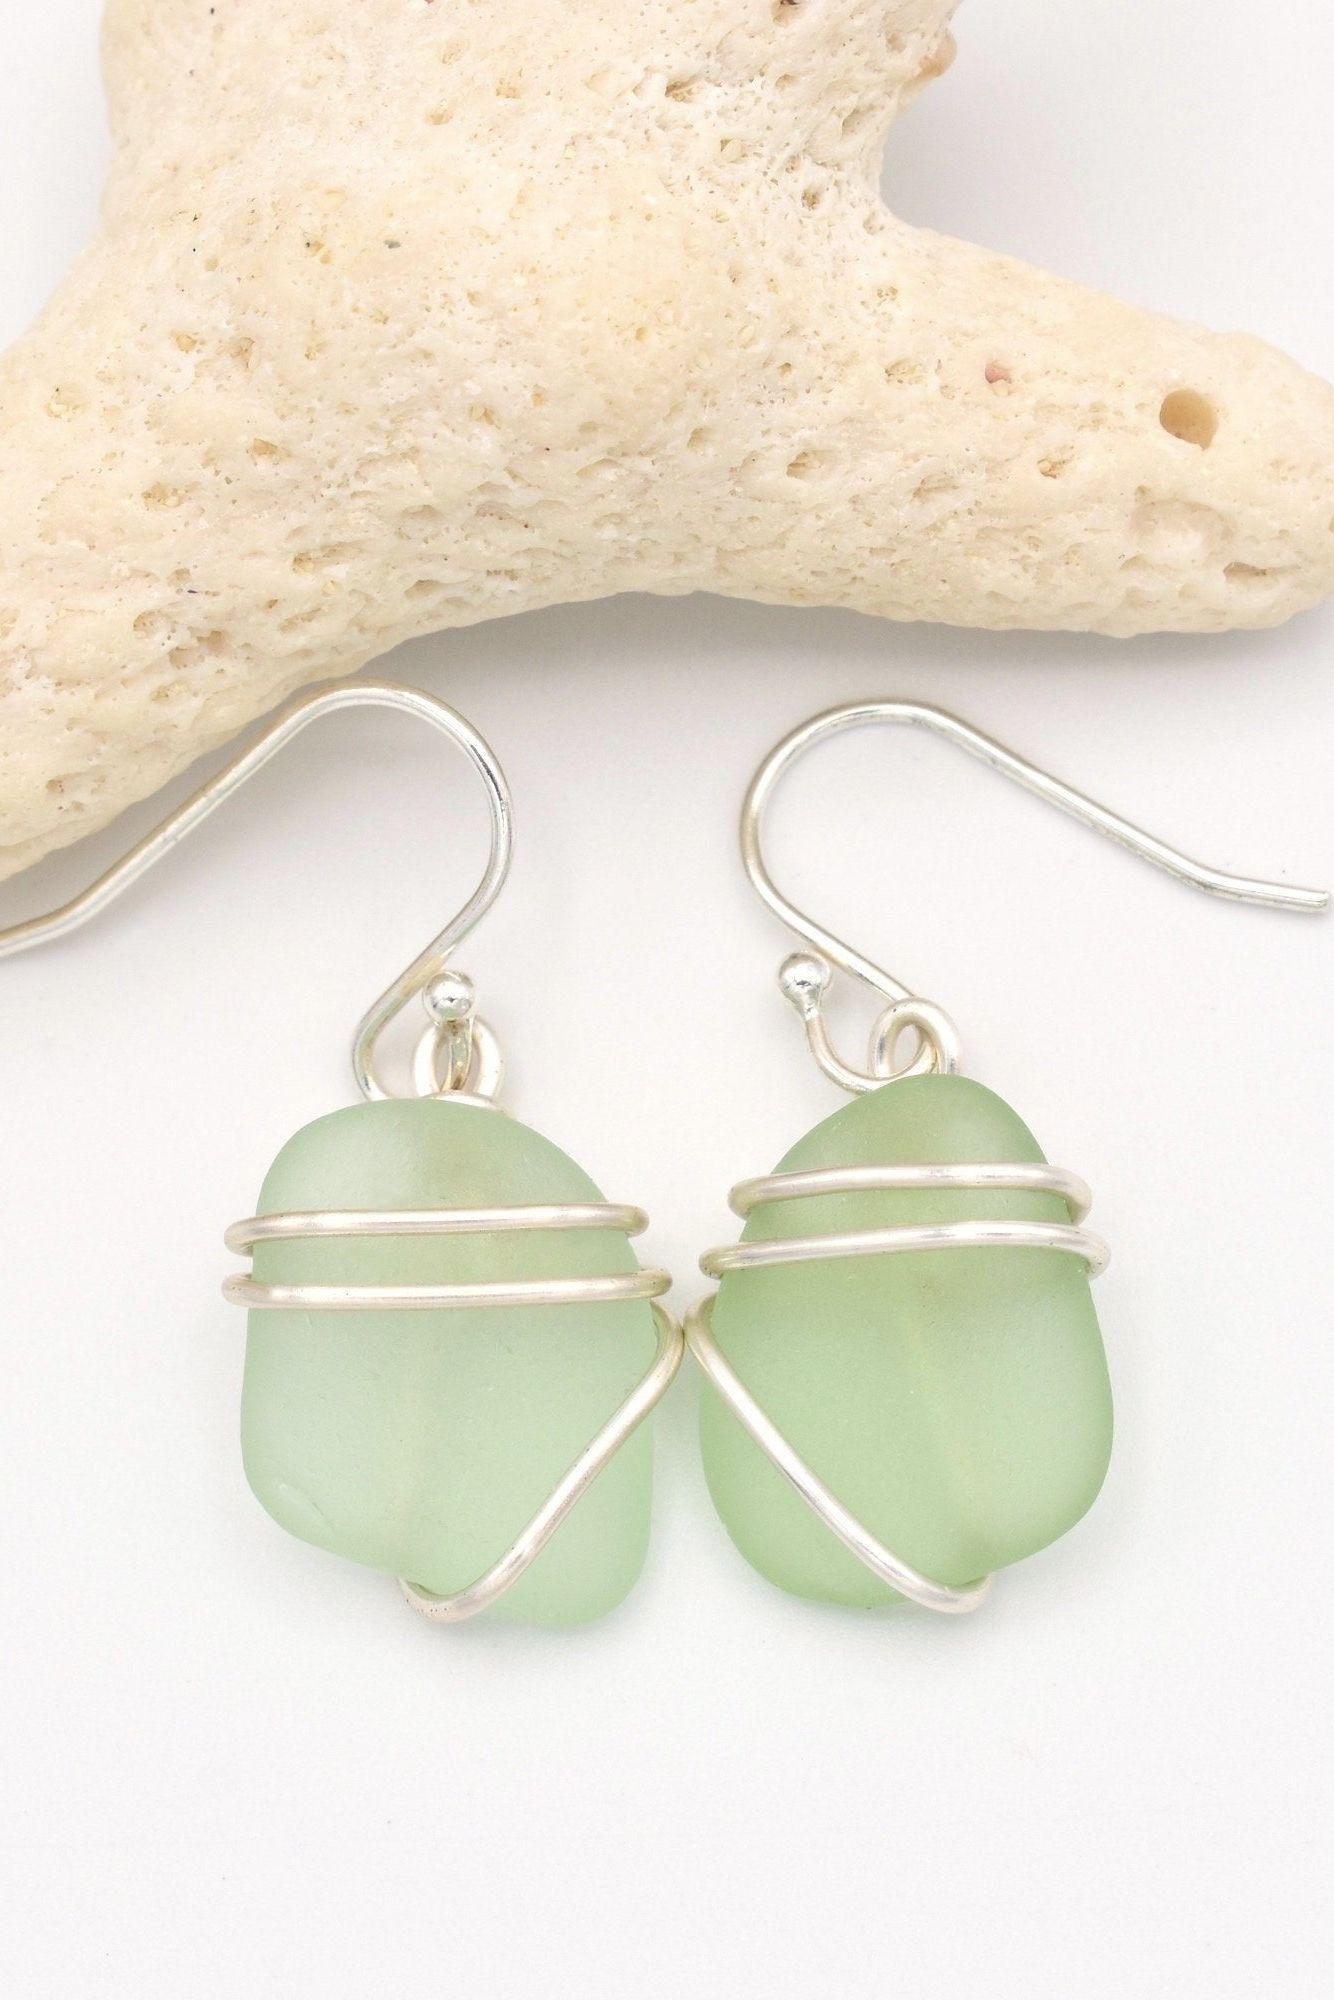 Beach Glass Dangle Earrings Sea Foam Sea Glass Glass Earrings Genuine Sea Glass Valentine/'s Day Gift for Her Casual Drop Earrings